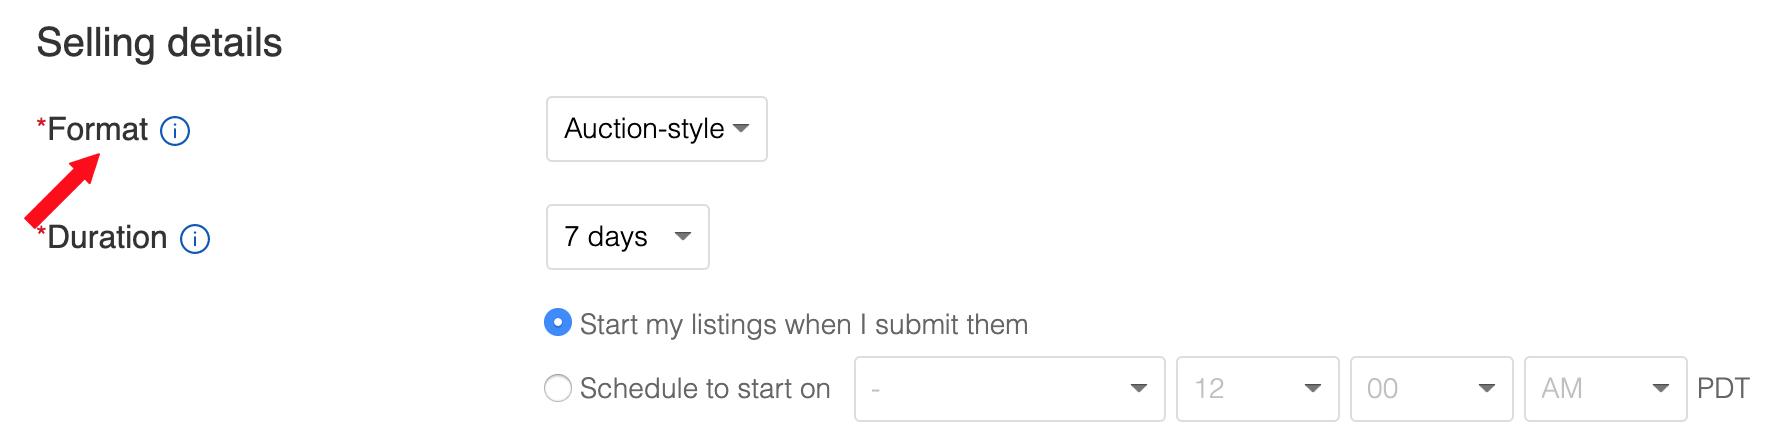 ebay sell format